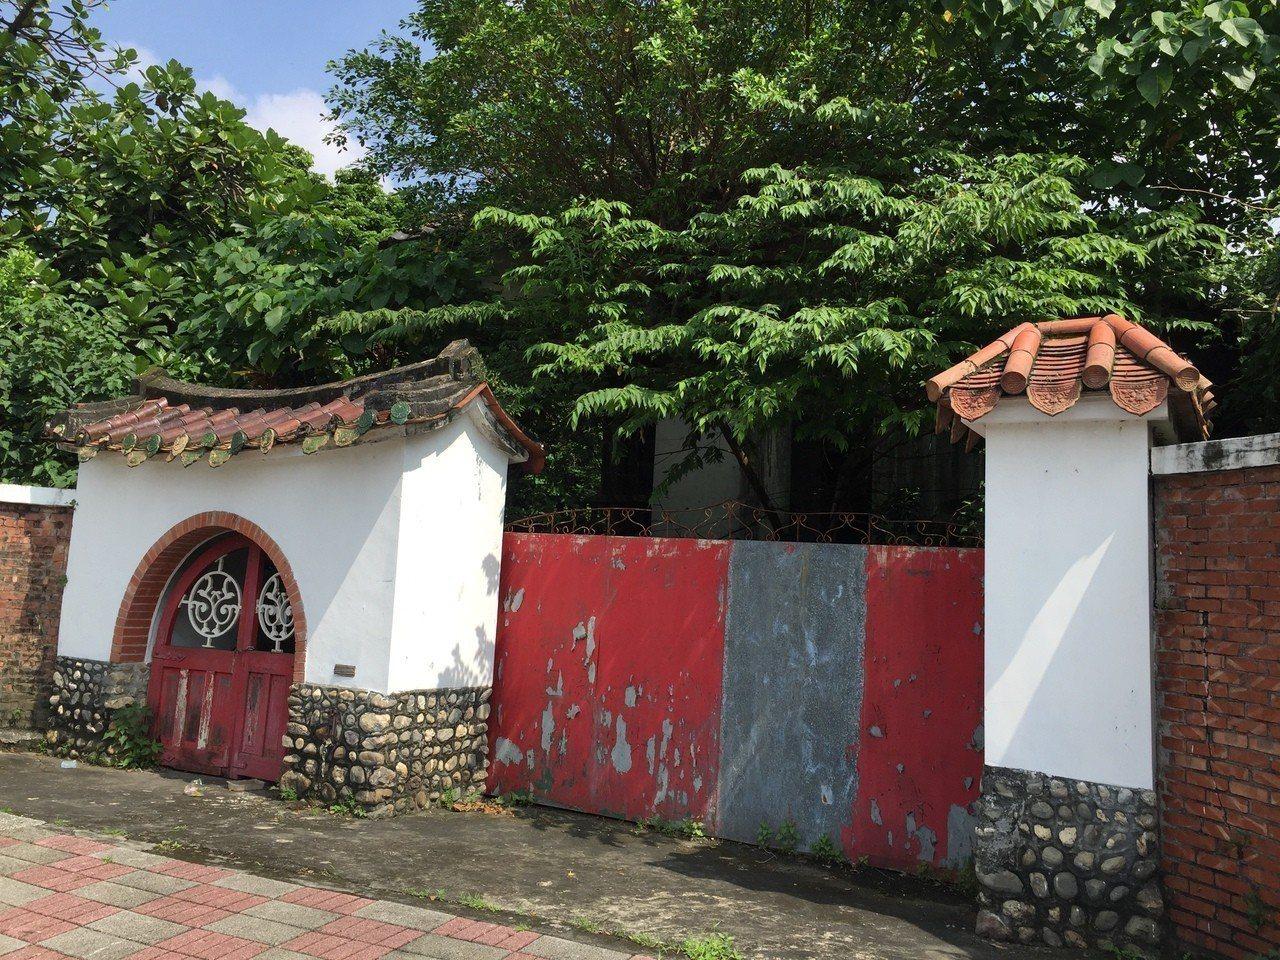 位於屏東市的李淑德舊居月內被偷三次。記者翁禎霞/攝影